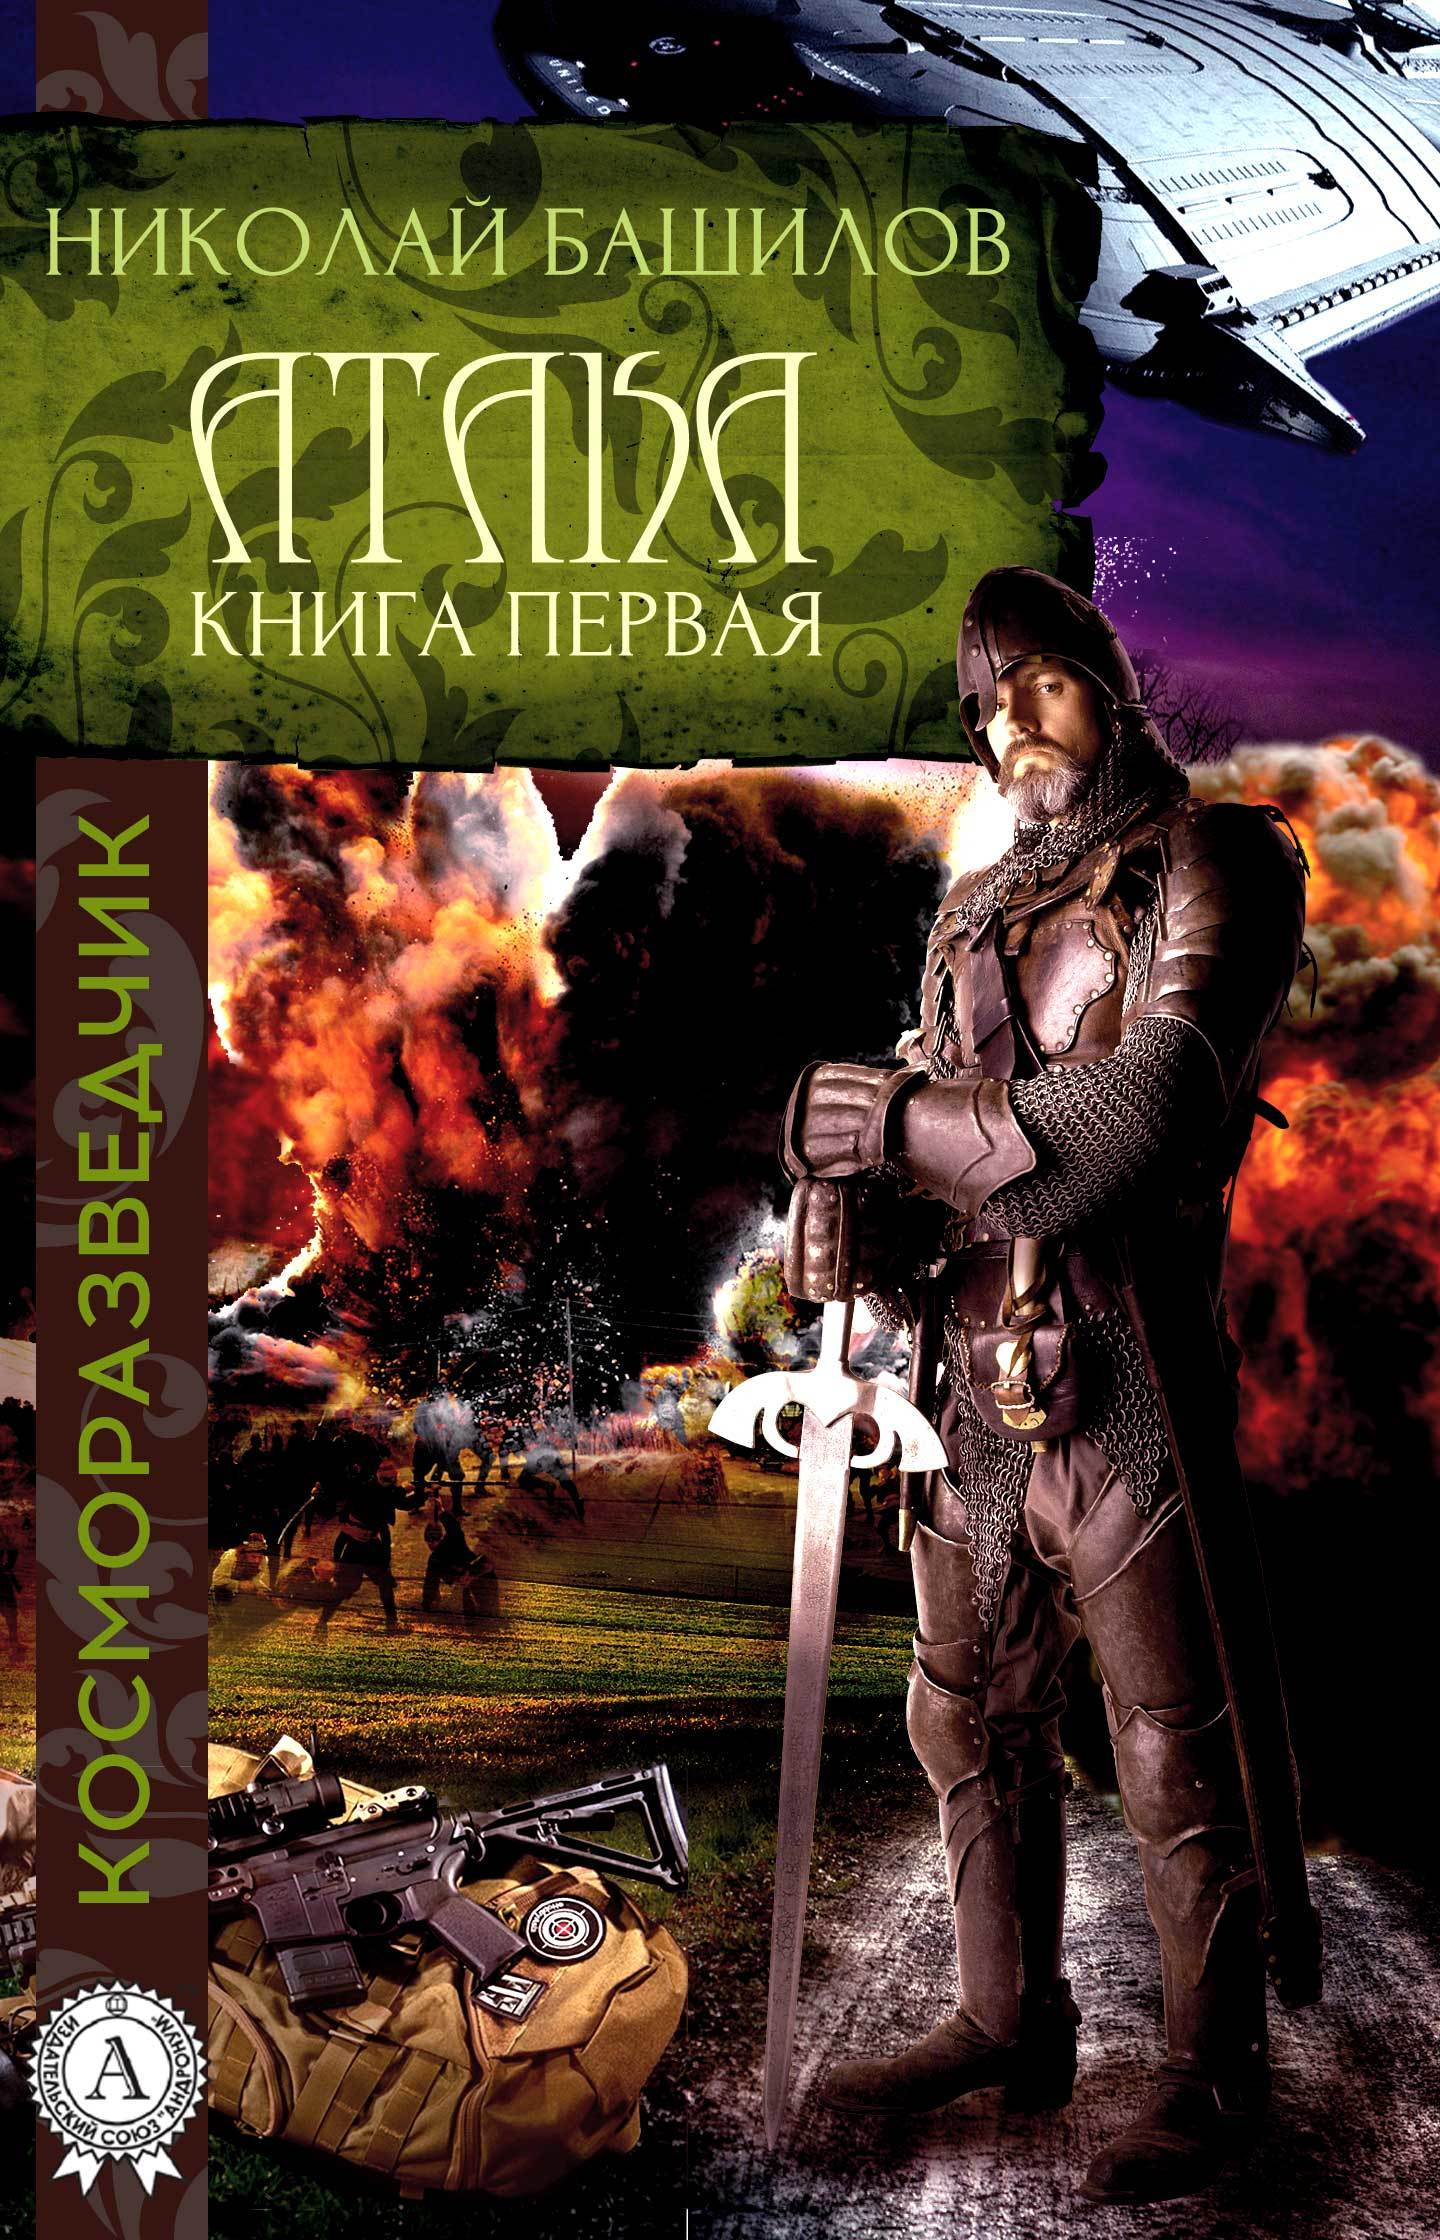 Николай Башилов «Книга первая. Атака»